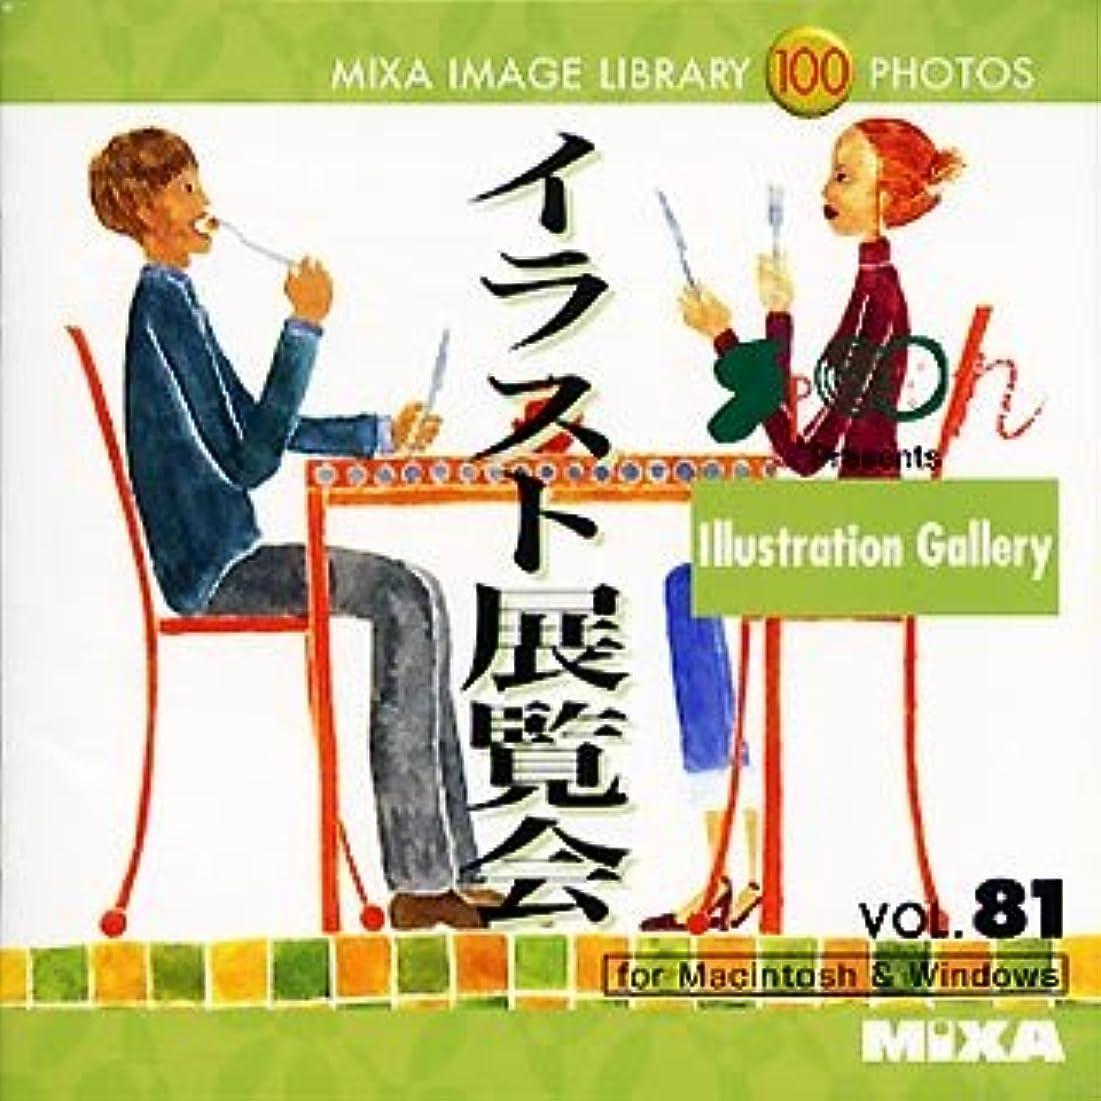 誕生日円形小説家MIXA IMAGE LIBRARY Vol.81 イラスト展覧会